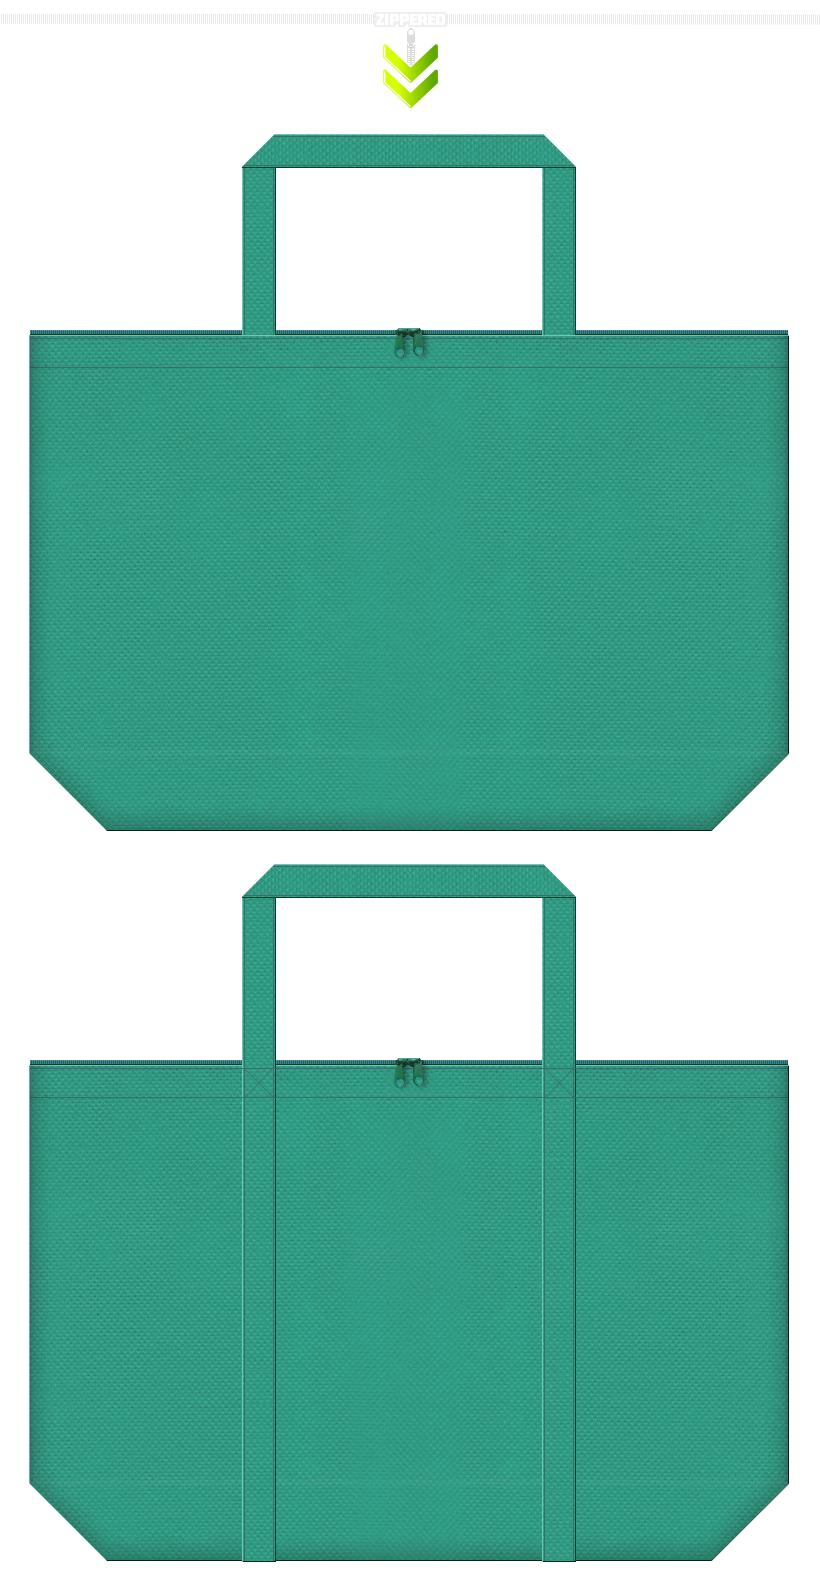 ファスナー付きの青緑色の不織布バッグ。マイバッグ、エコバッグにお奨めのカラーです。